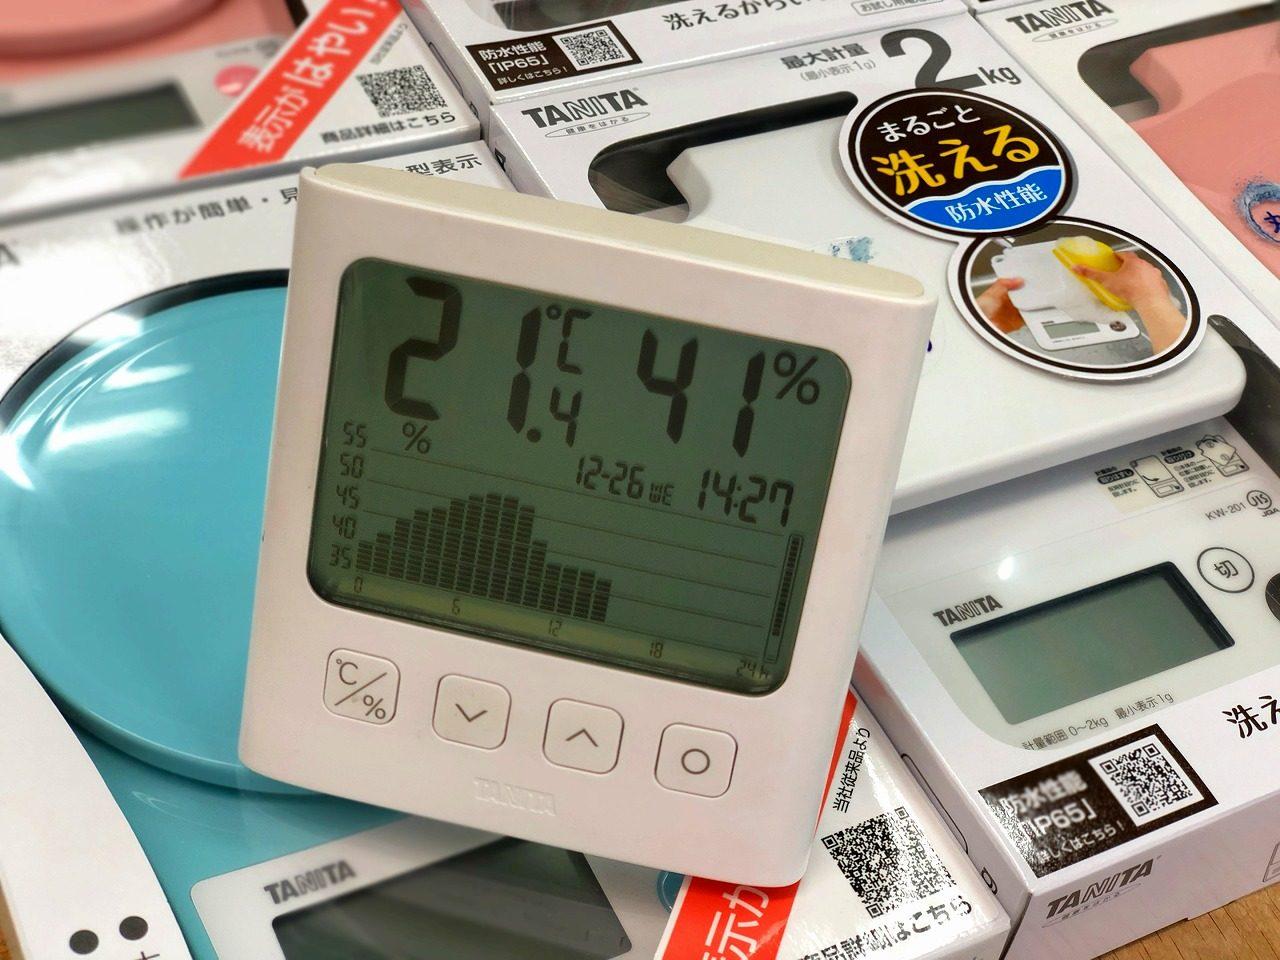 2018.12.26温度変化のグラフです!TT-581 グラフ付きデジタル温湿度計